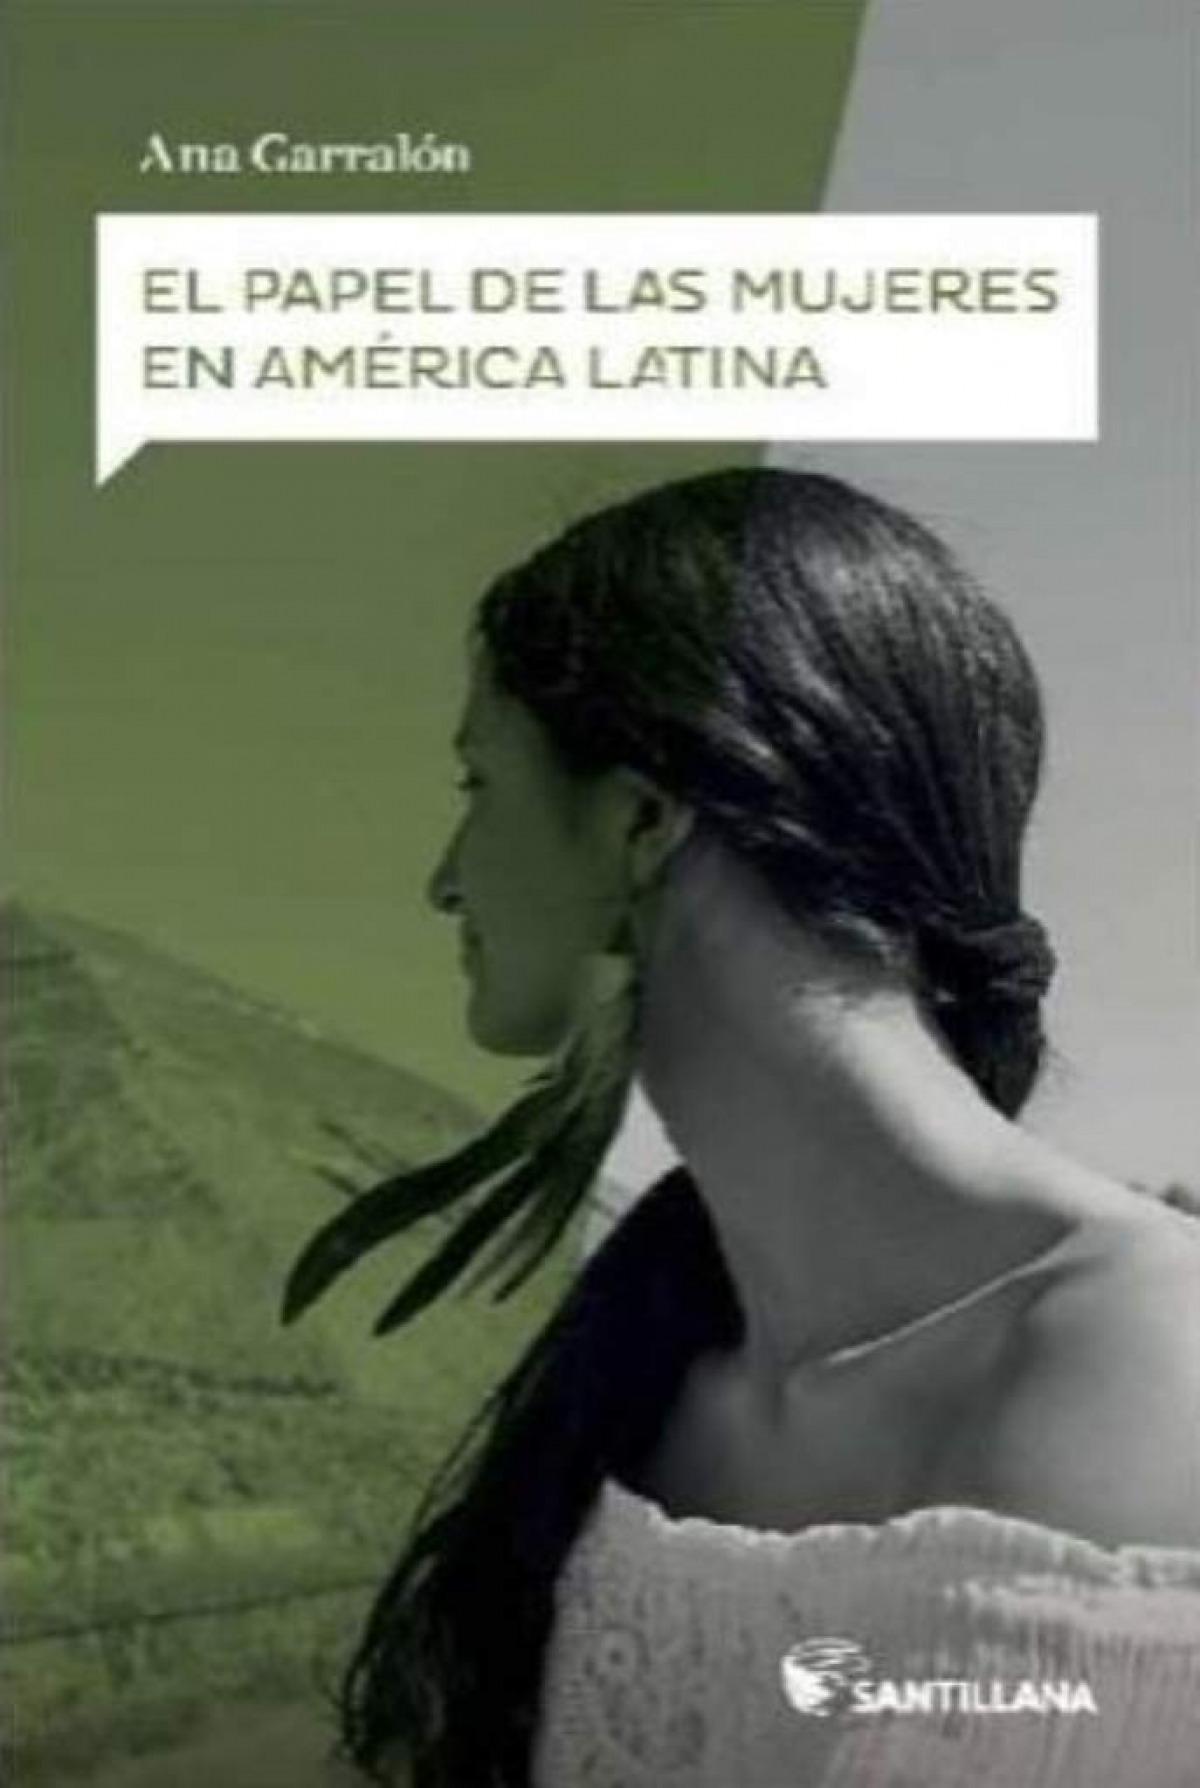 EL PAPEL DE LAS MUJERES EN AMÈRICA LATINA